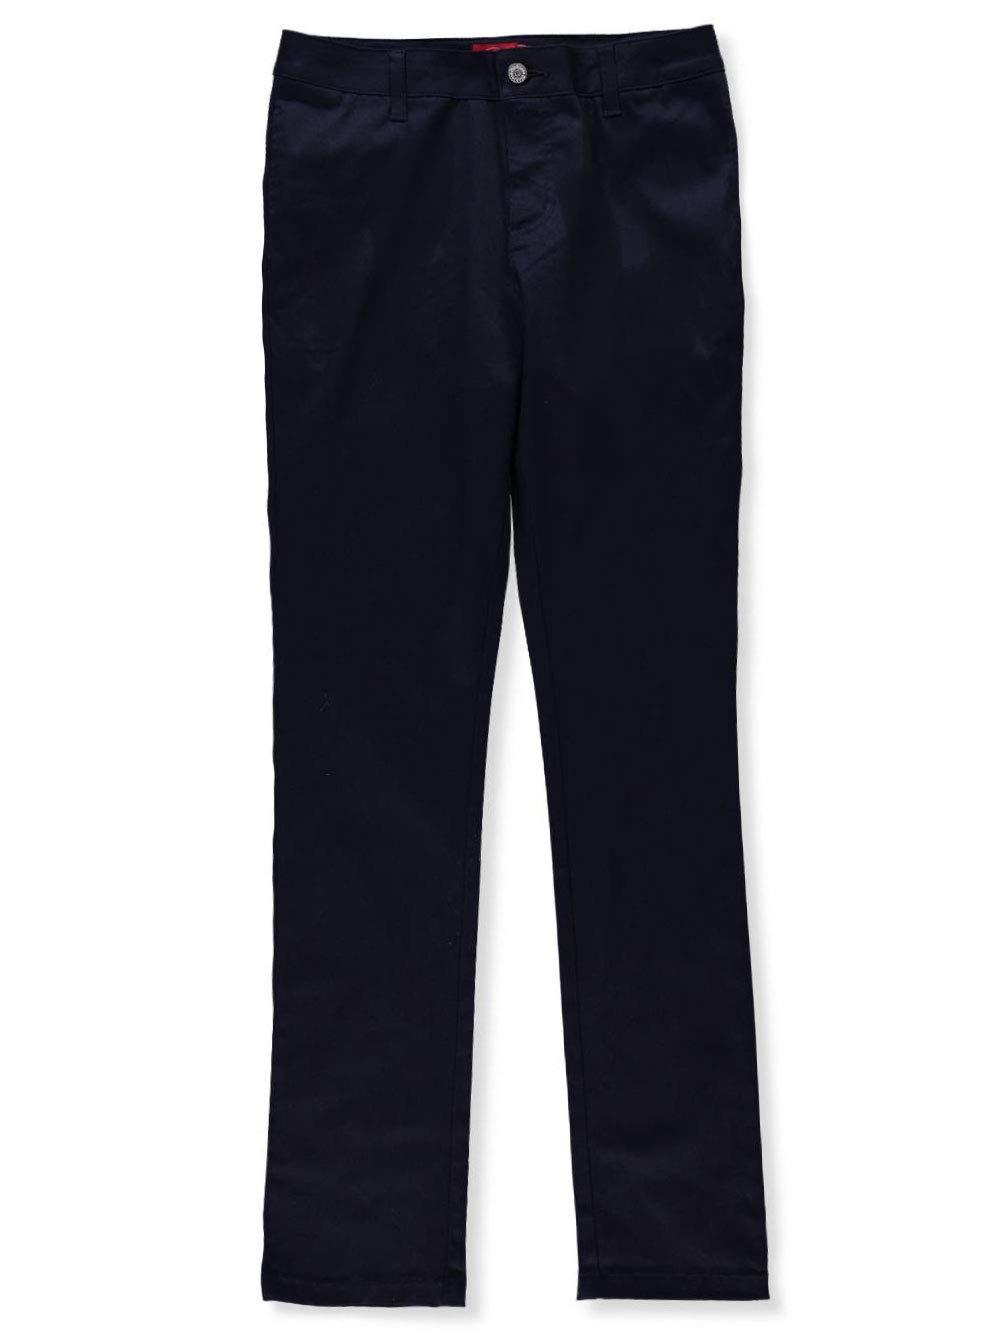 Dickies Girls' Twill Skinny Pants - Navy, Junior 1